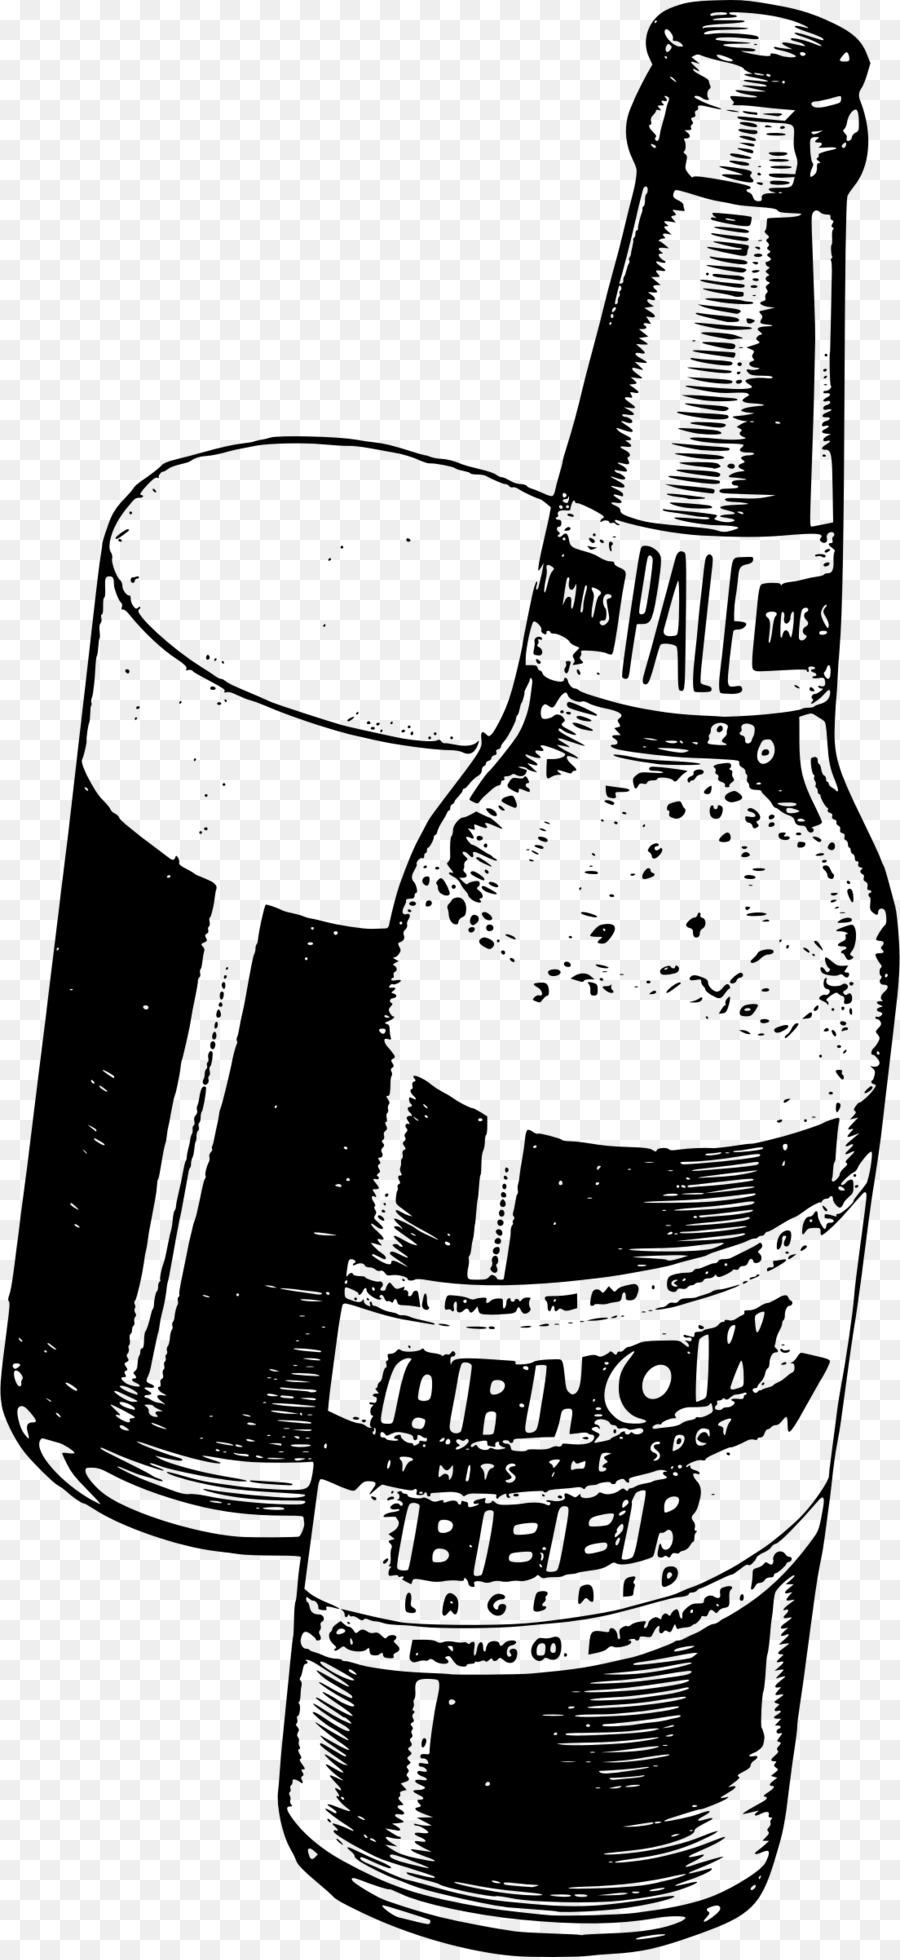 Clipart beer bottel. Cartoon bottle drink transparent